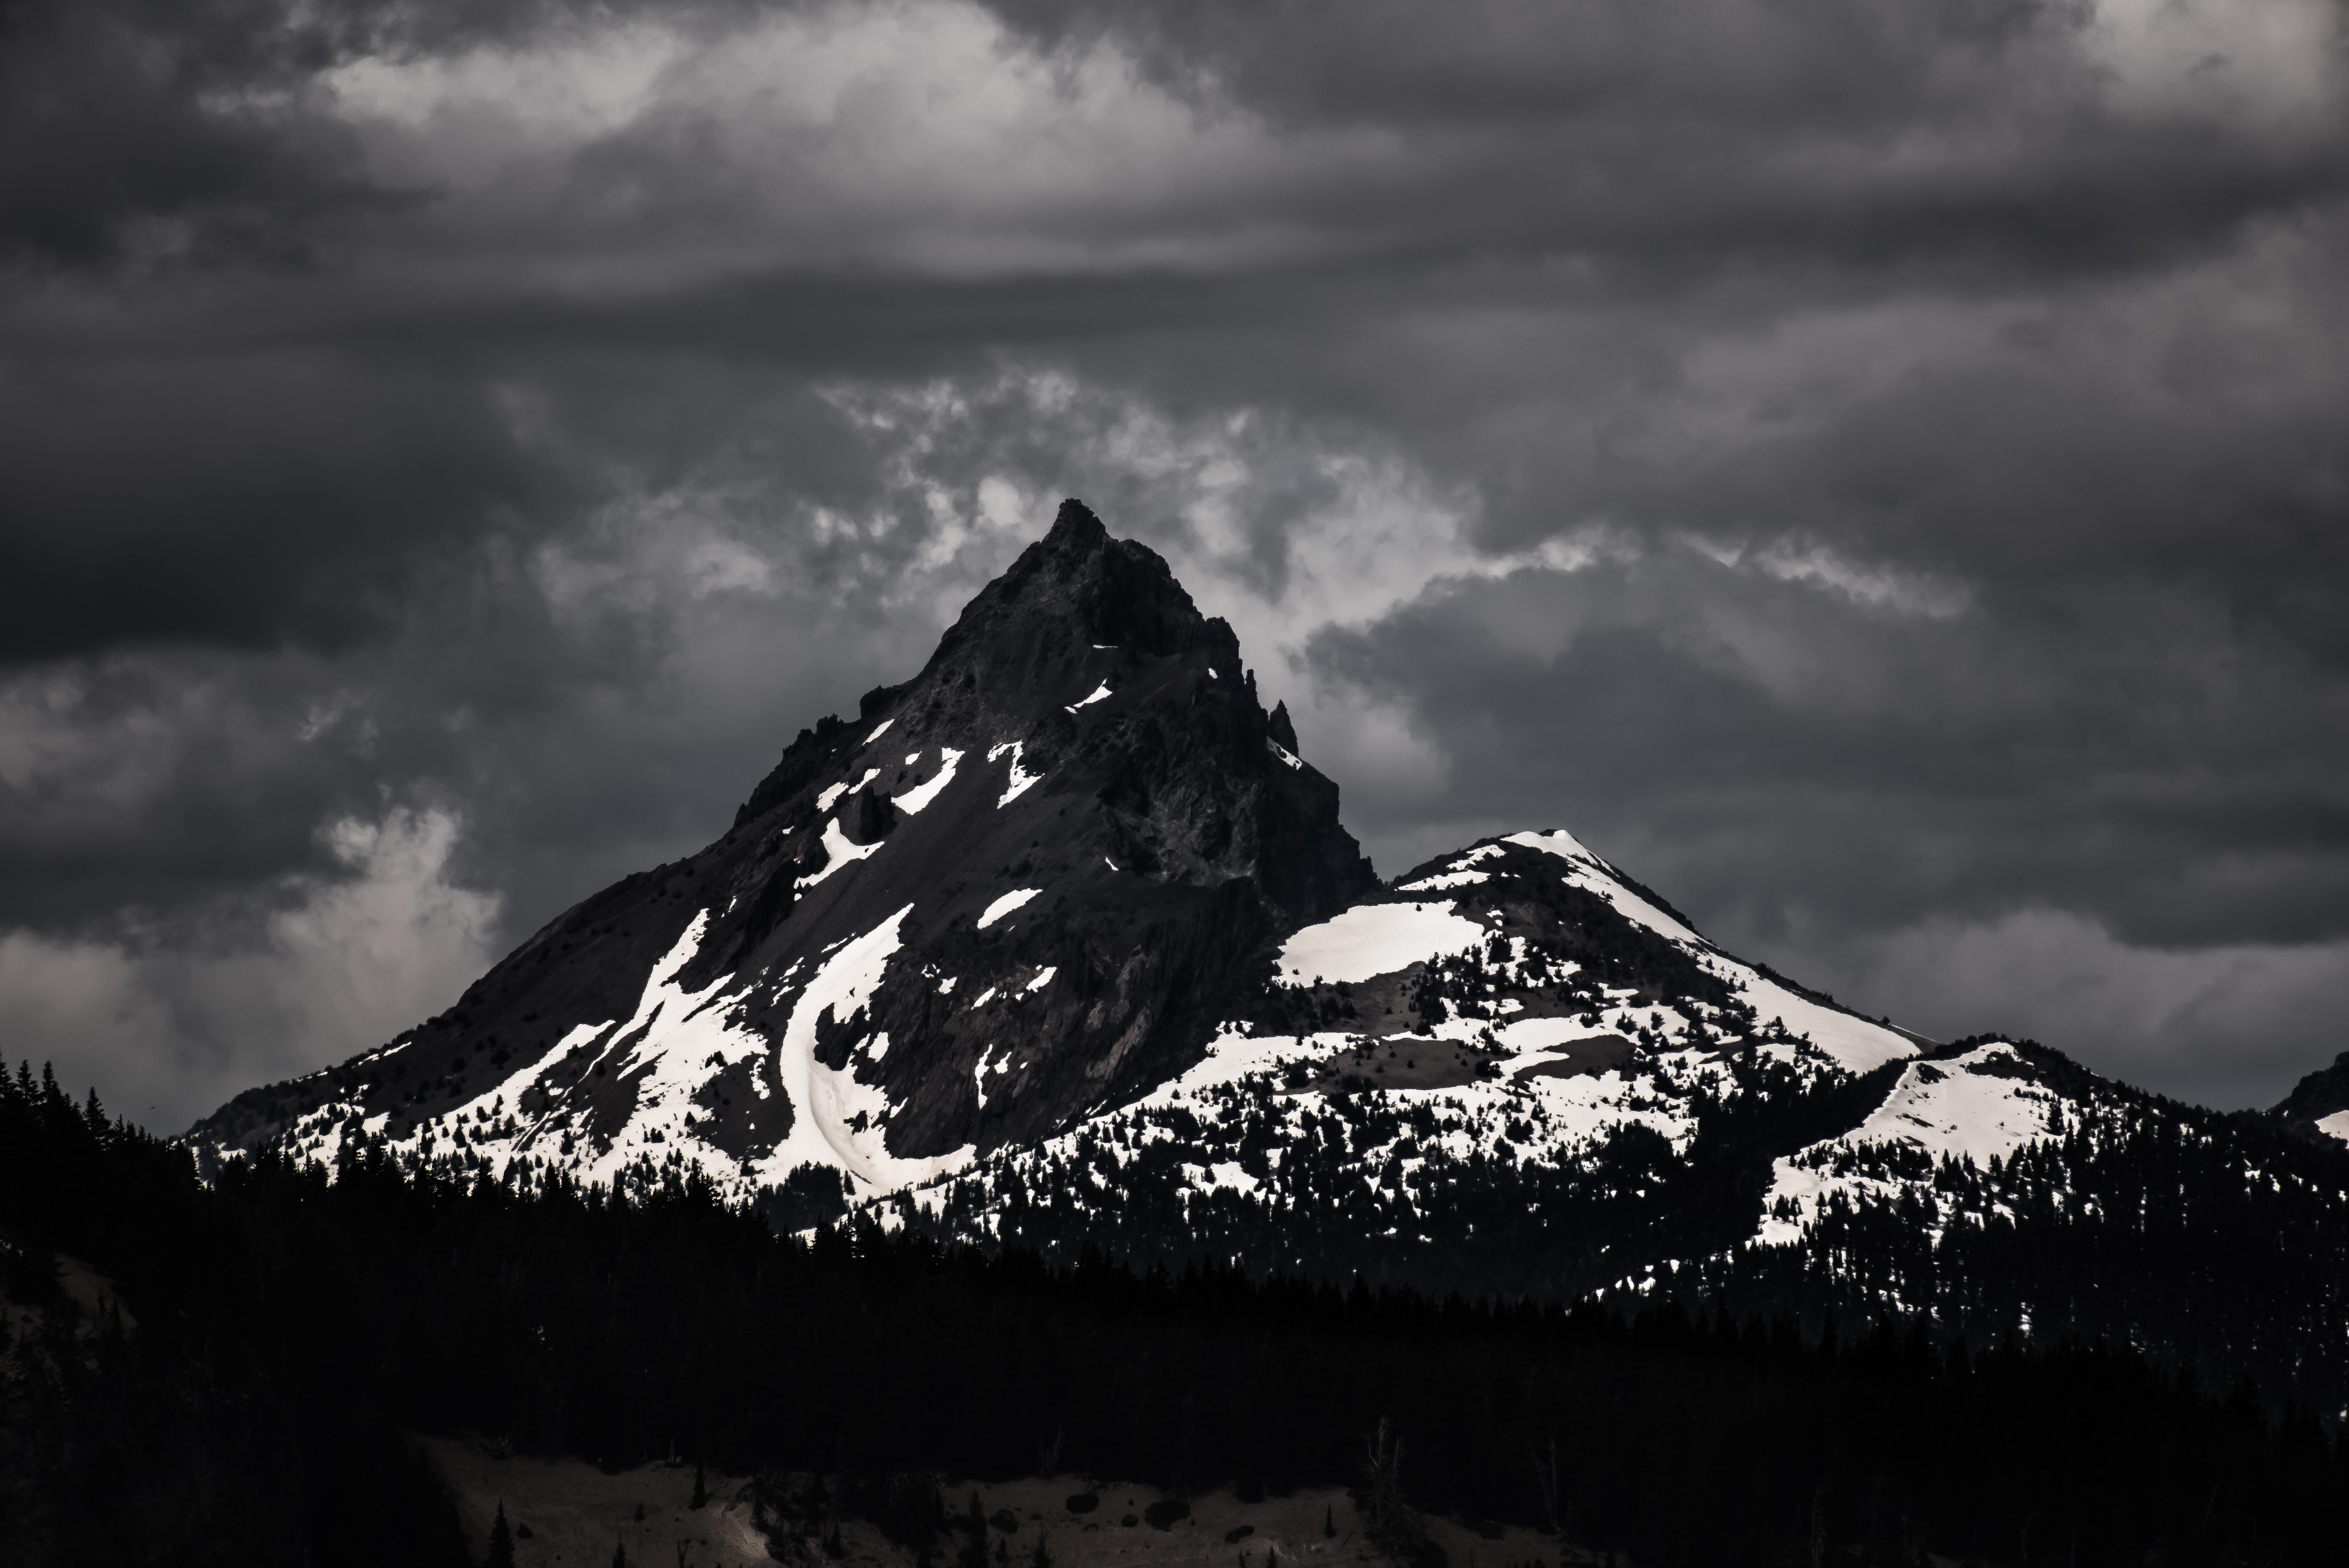 Hình nền đen tháp núi